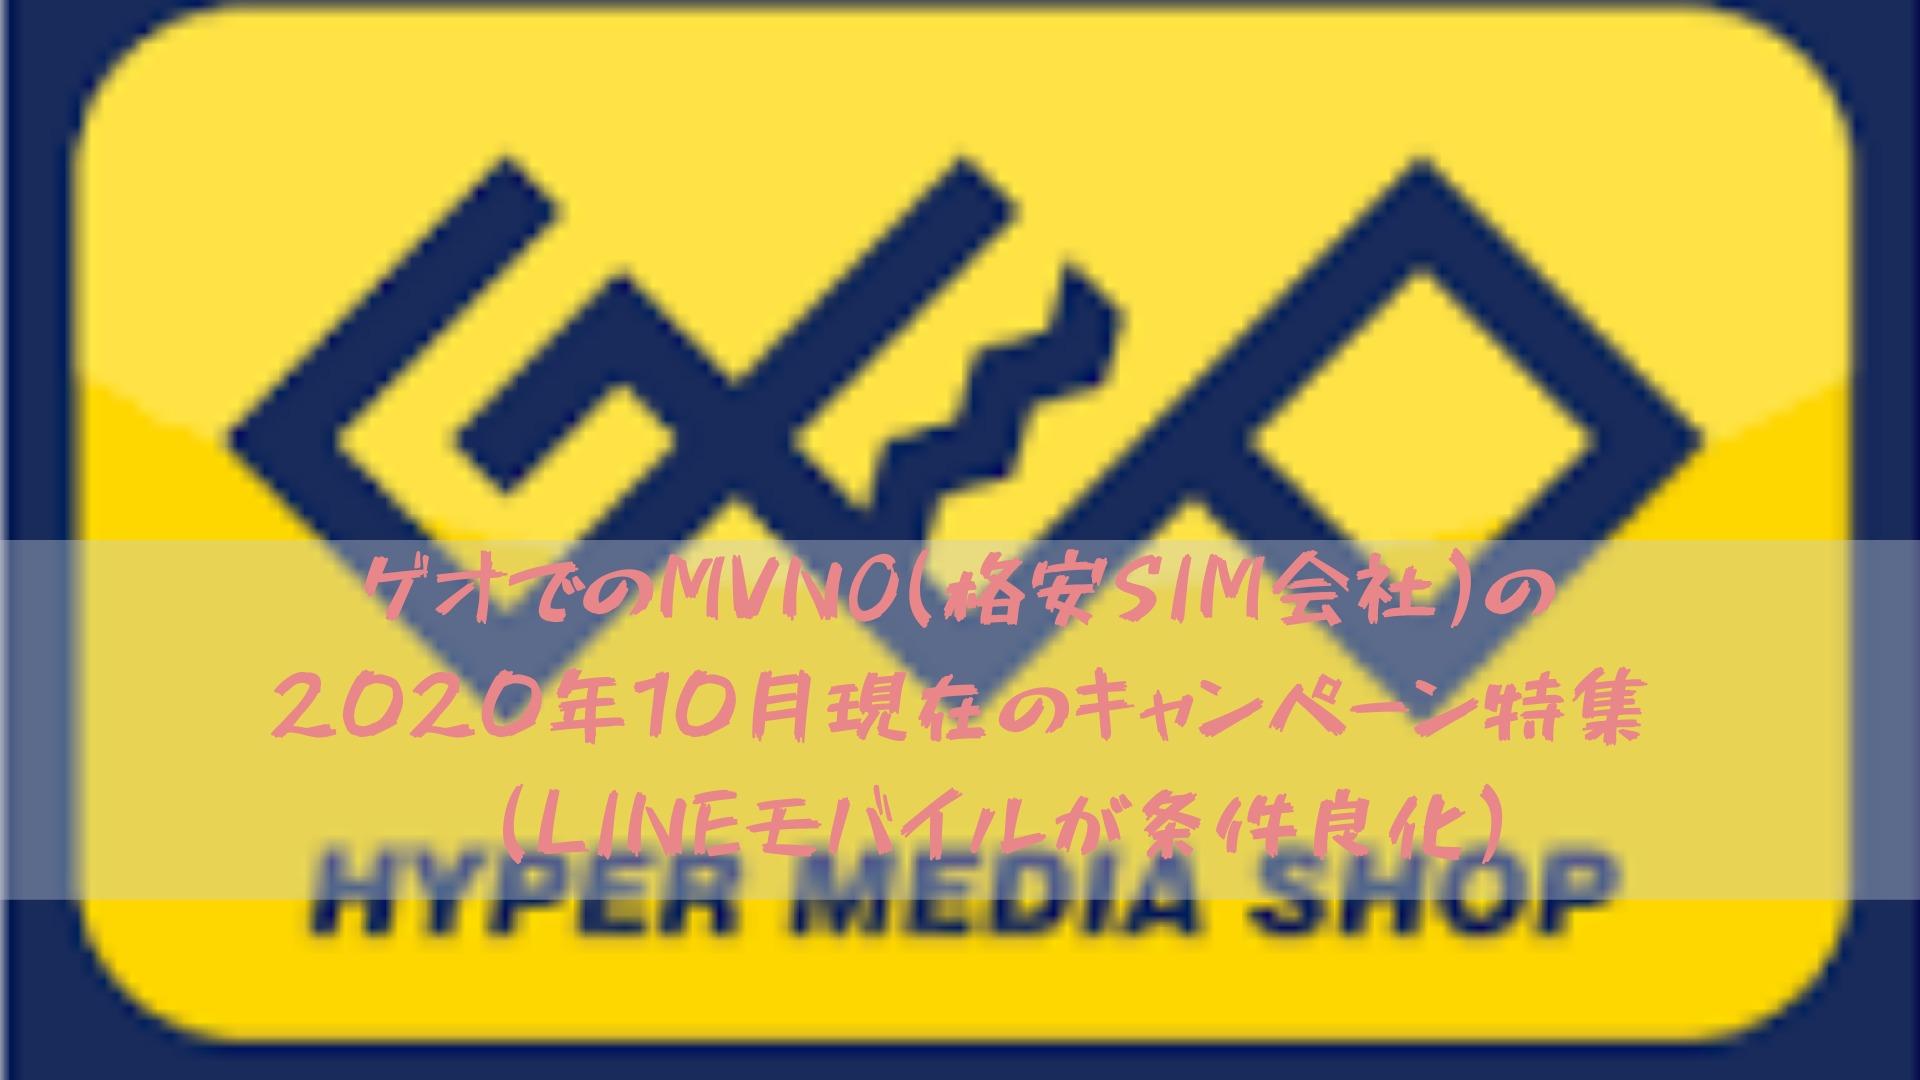 ゲオでのMVNO(格安SIM会社)の2020年10月現在のキャンペーン特集‼︎(LINEモバイルが条件良化)